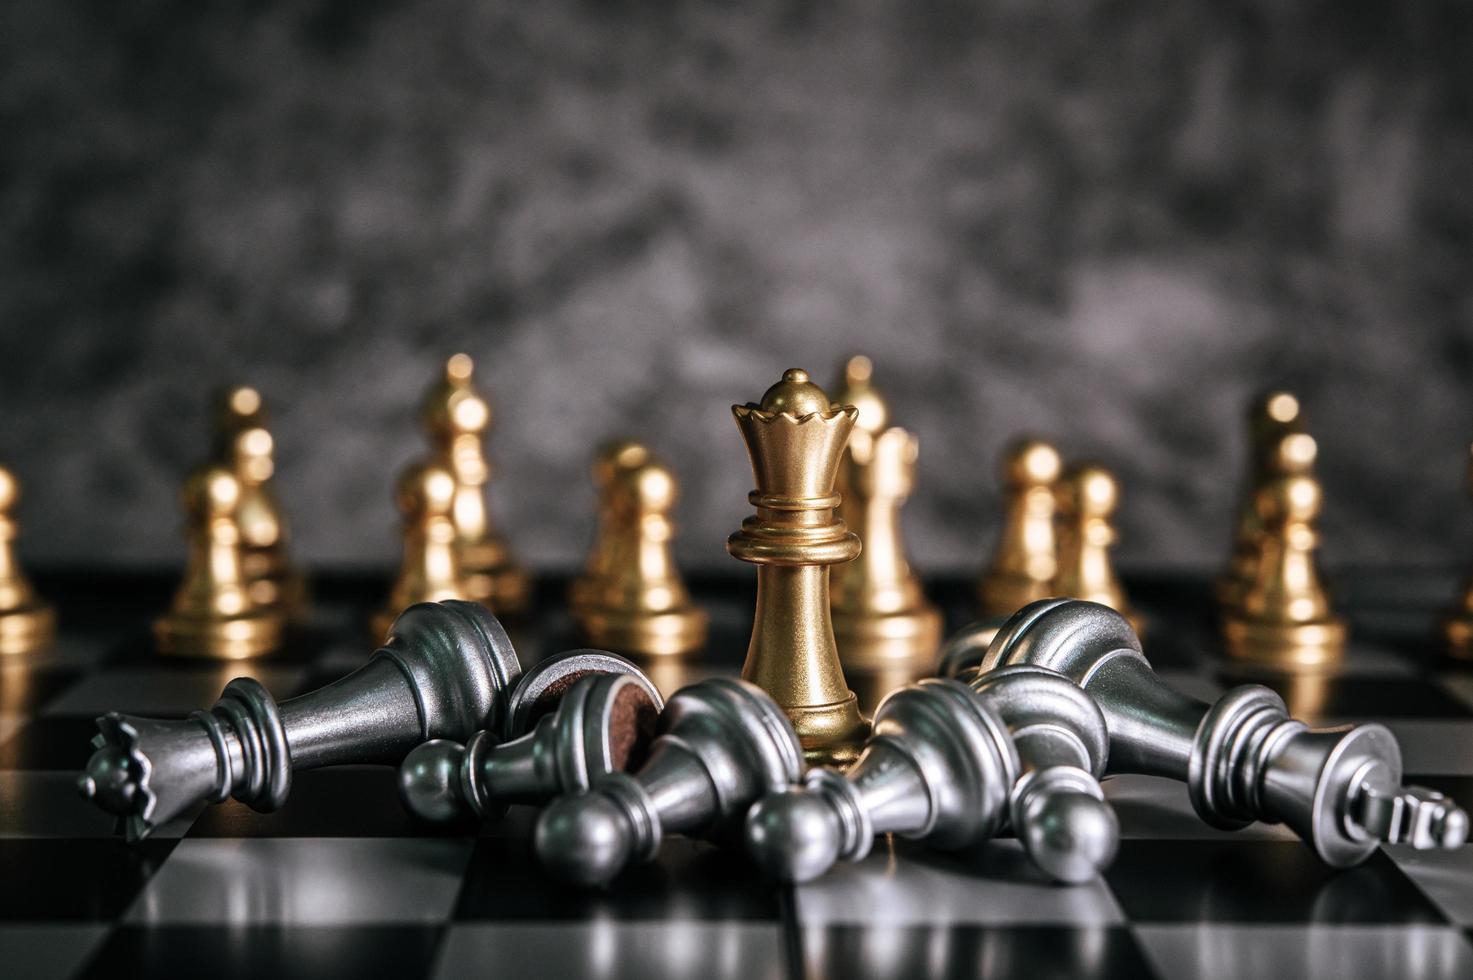 peças de tabuleiro de xadrez de ouro e prata foto